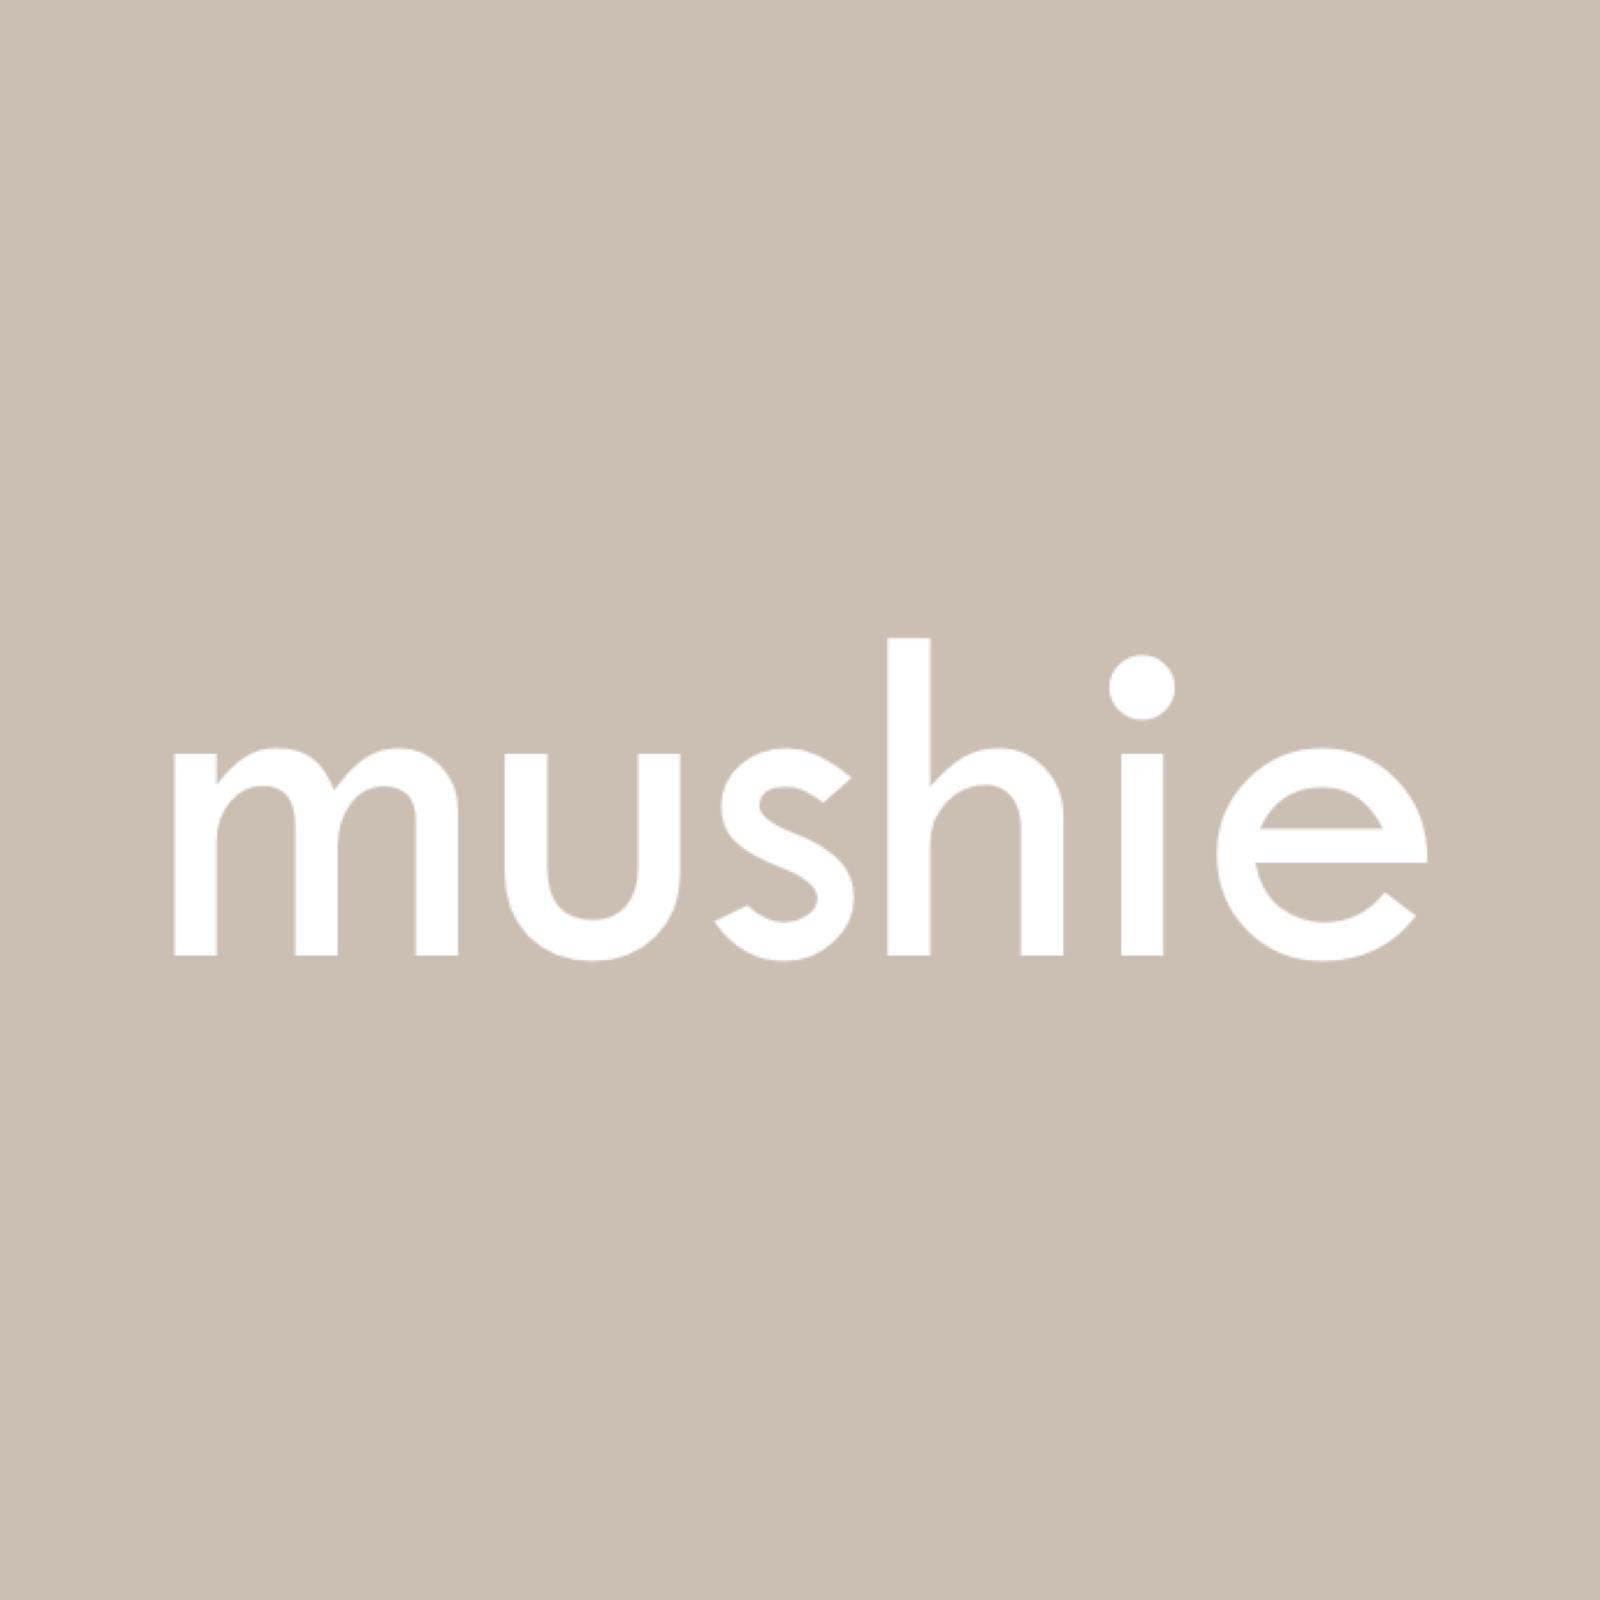 Amazon.com: mushie : EDEN